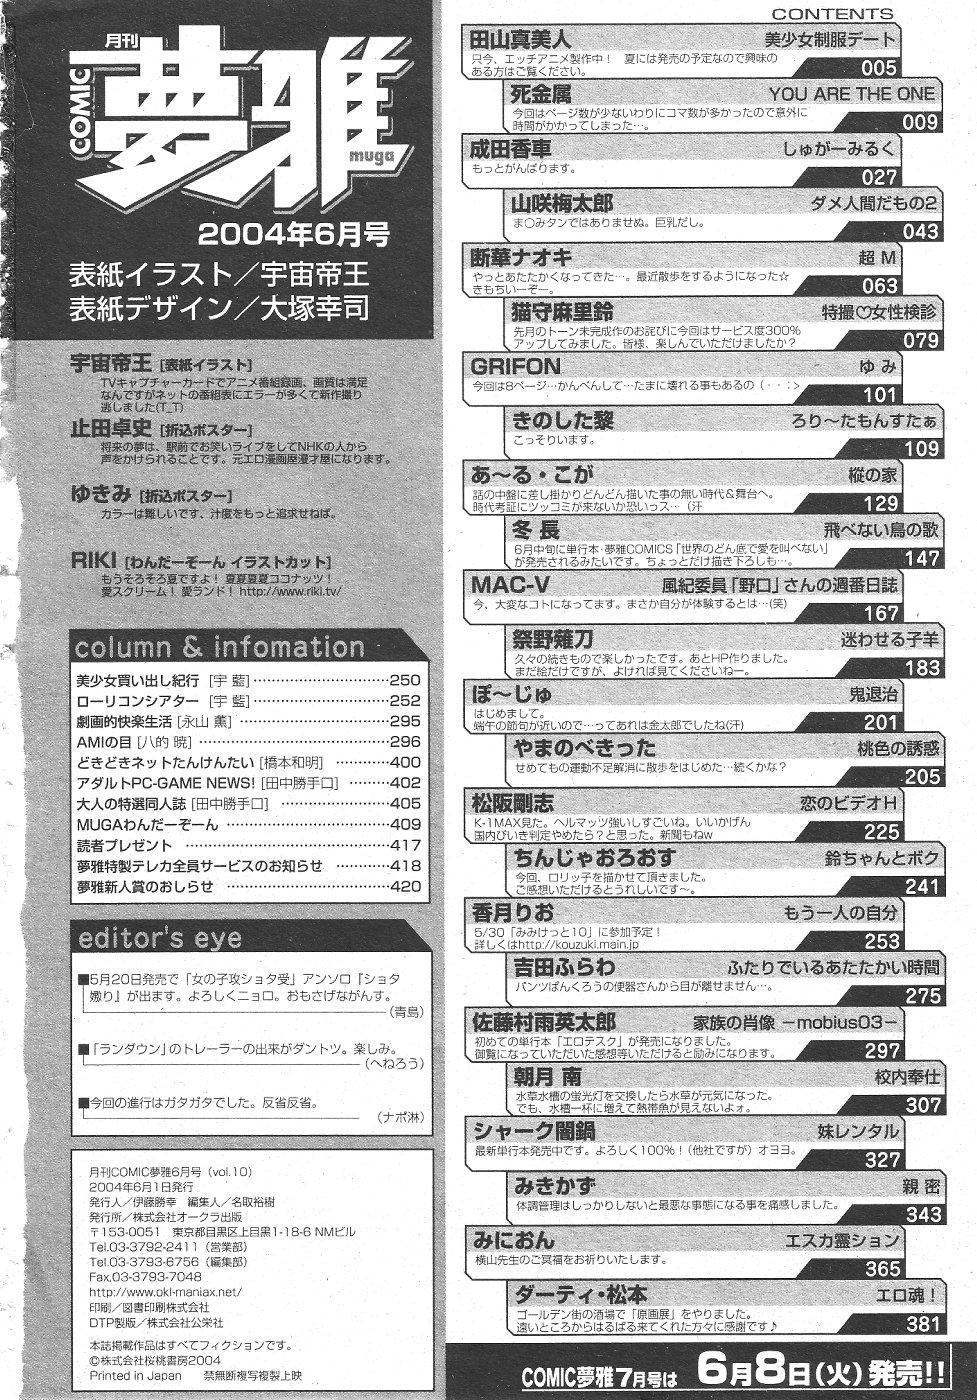 Gekkan Comic Muga 2004-06 Vol.10 431